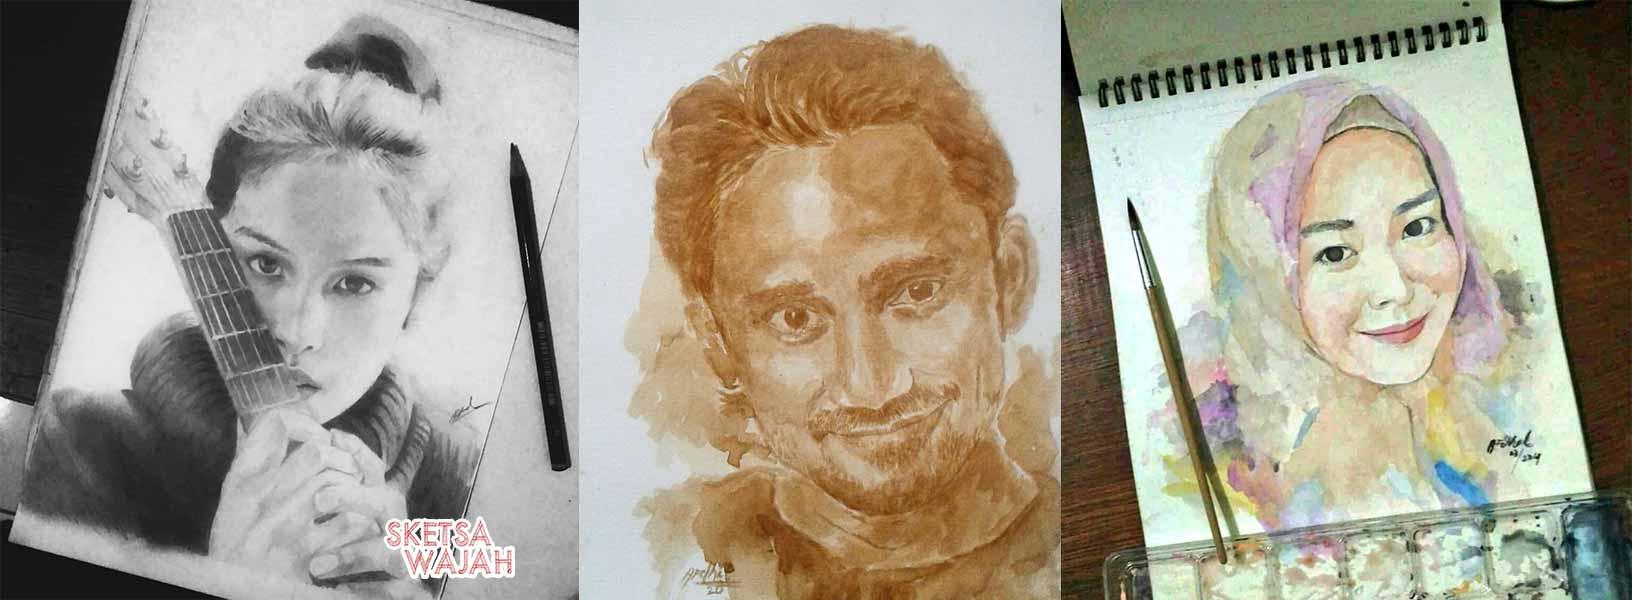 Karya Afdhal Dinilhaq sketcher Sketsa Wajah